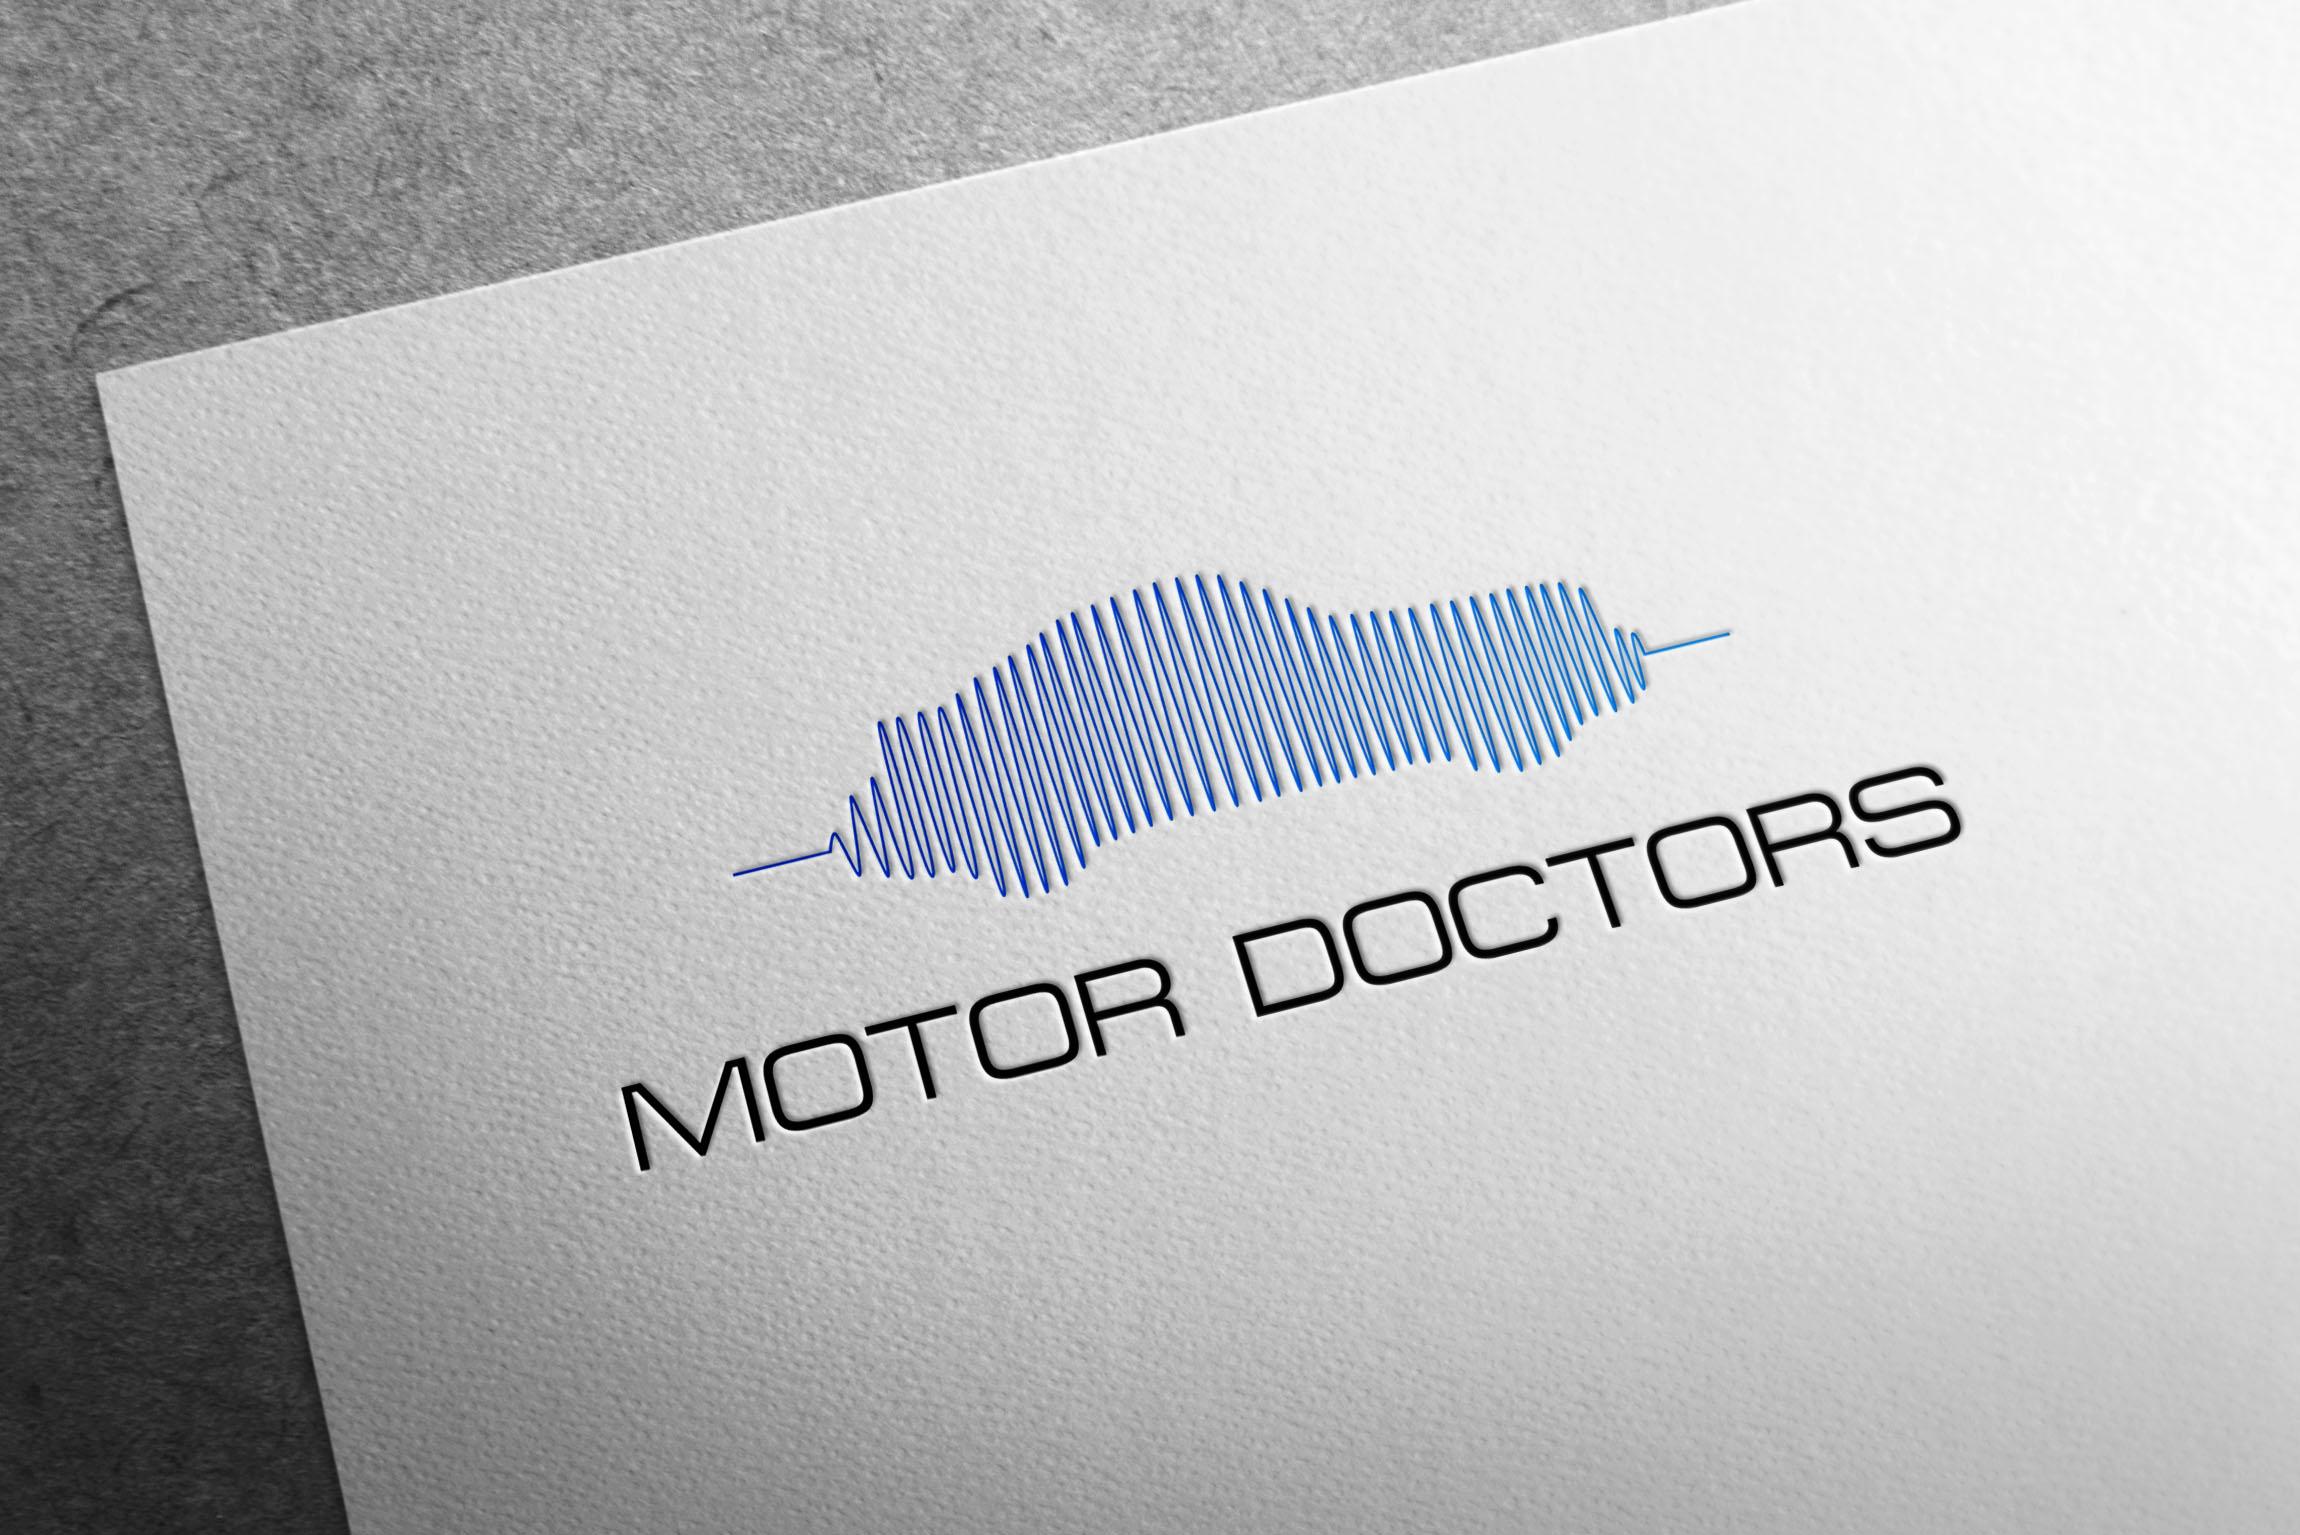 Логотип для Motor Doctors